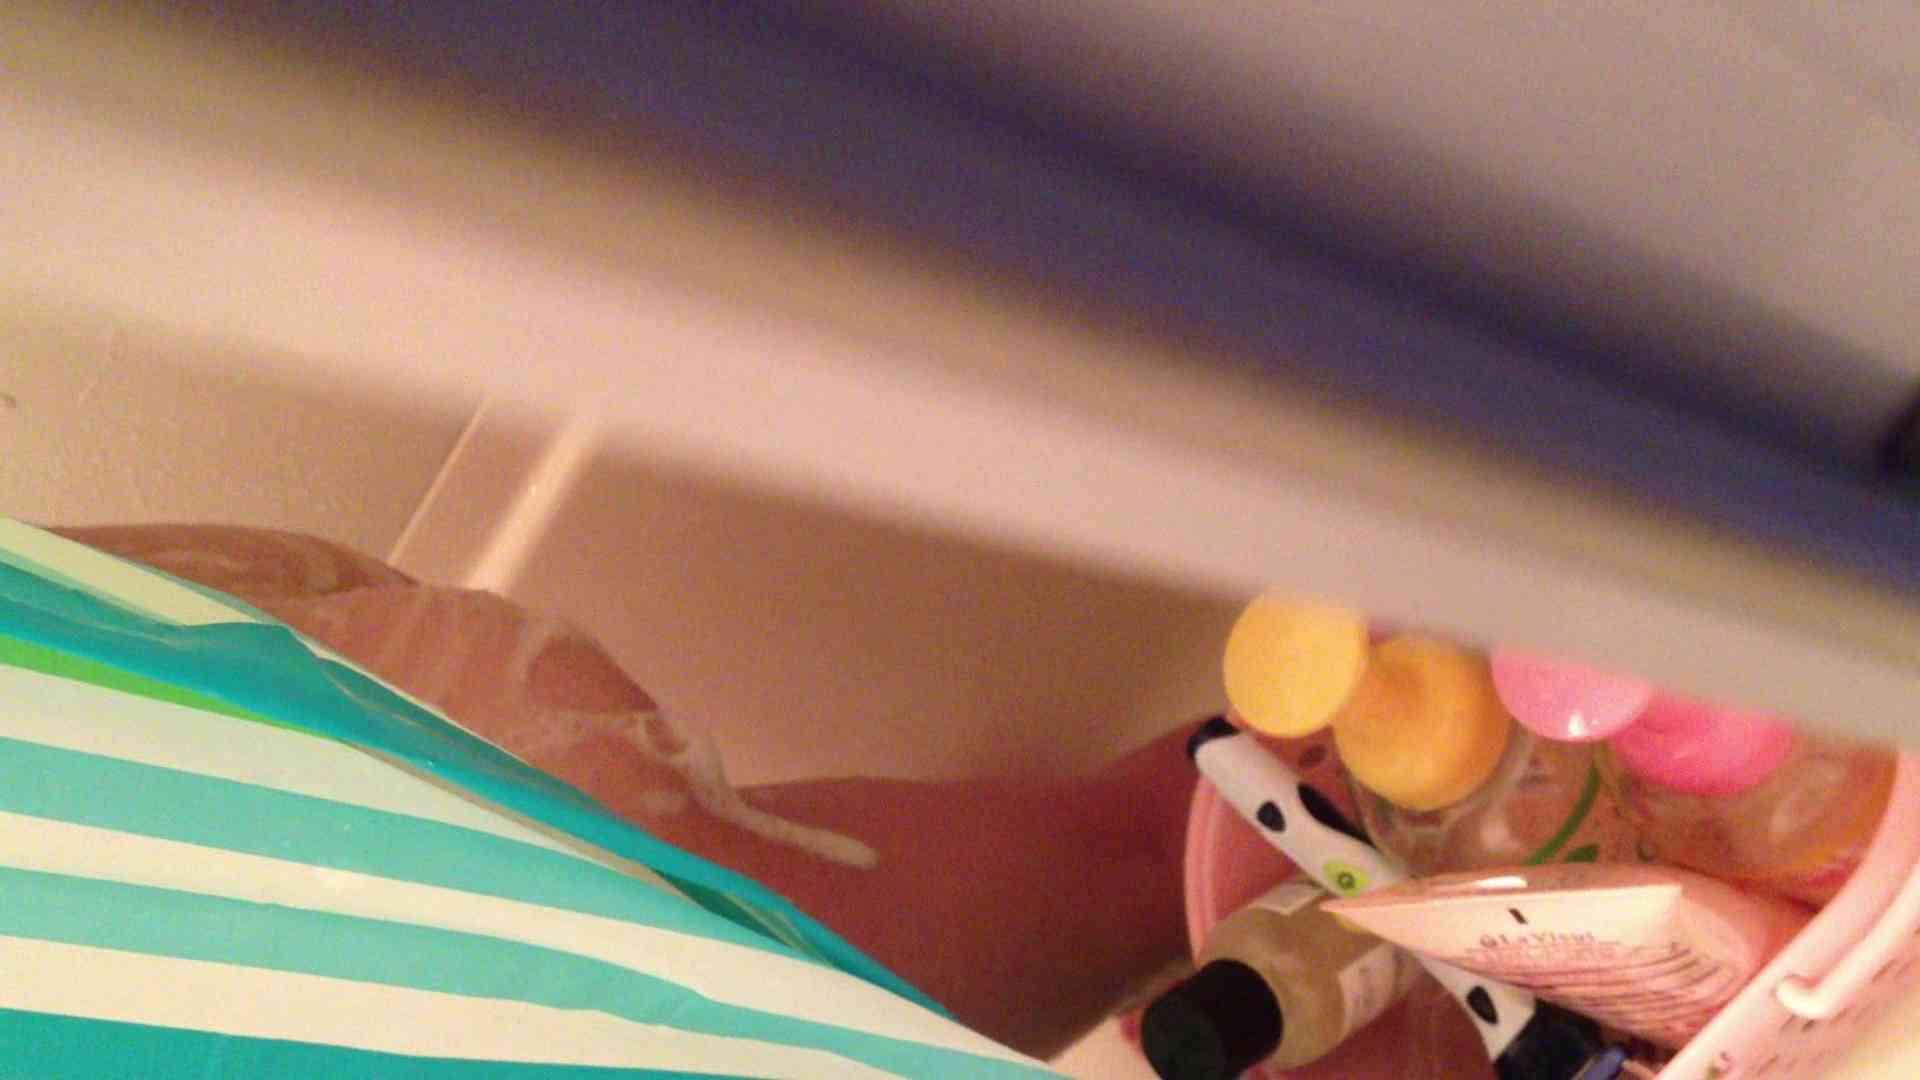 16(16日目)シャワー中にムダ毛処理をする彼女 パイパン  94pic 21